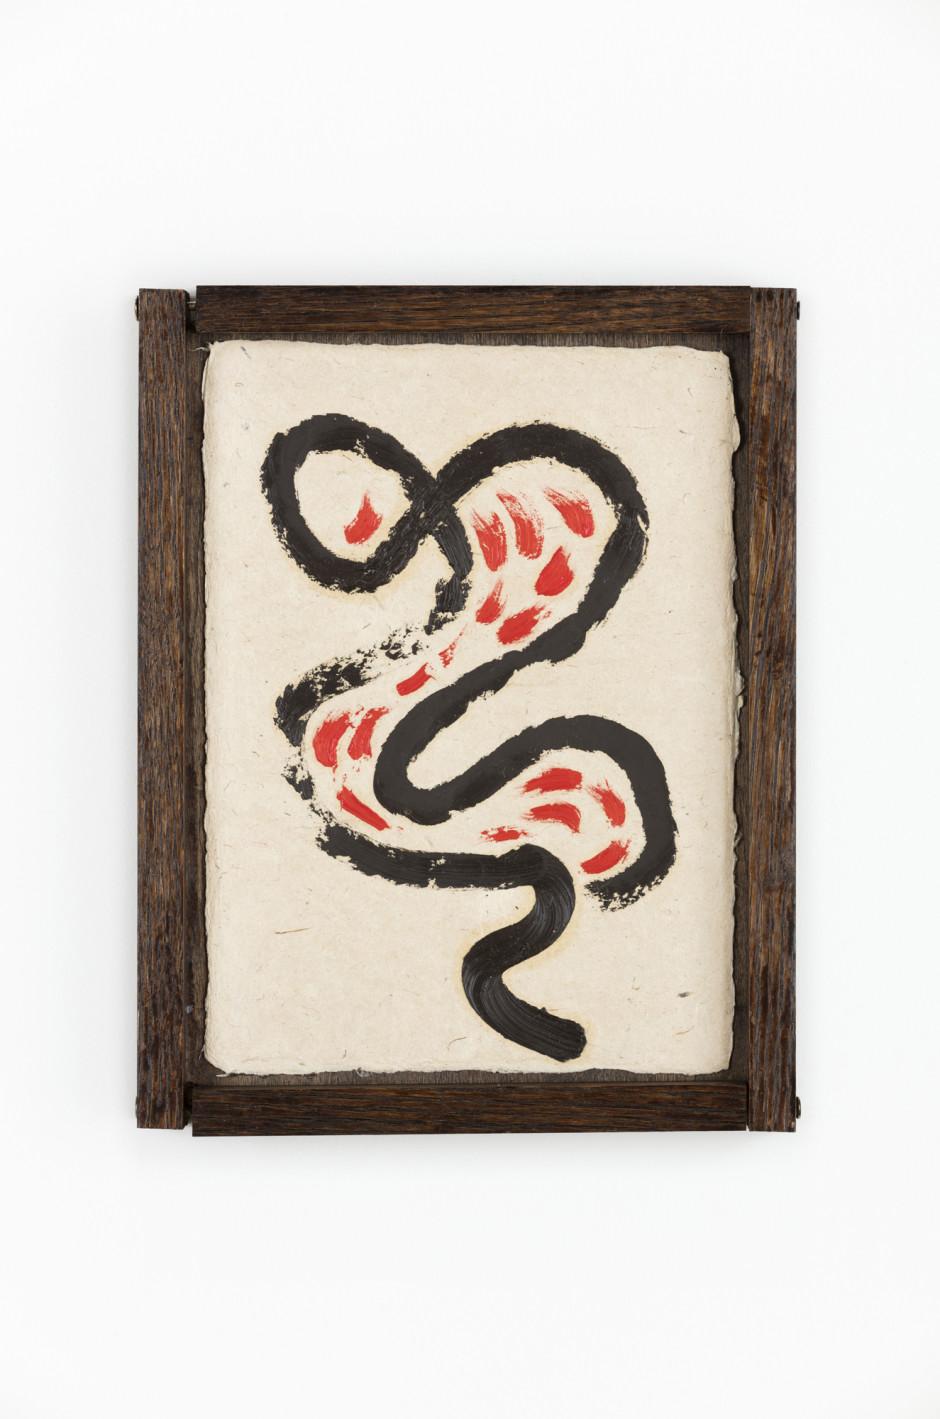 1917-1873, 2, 2018  oil on burlap paper  36 x 28 x 4 cm / 14 1/8 x 11 ⅛ x 1 ⅝ in